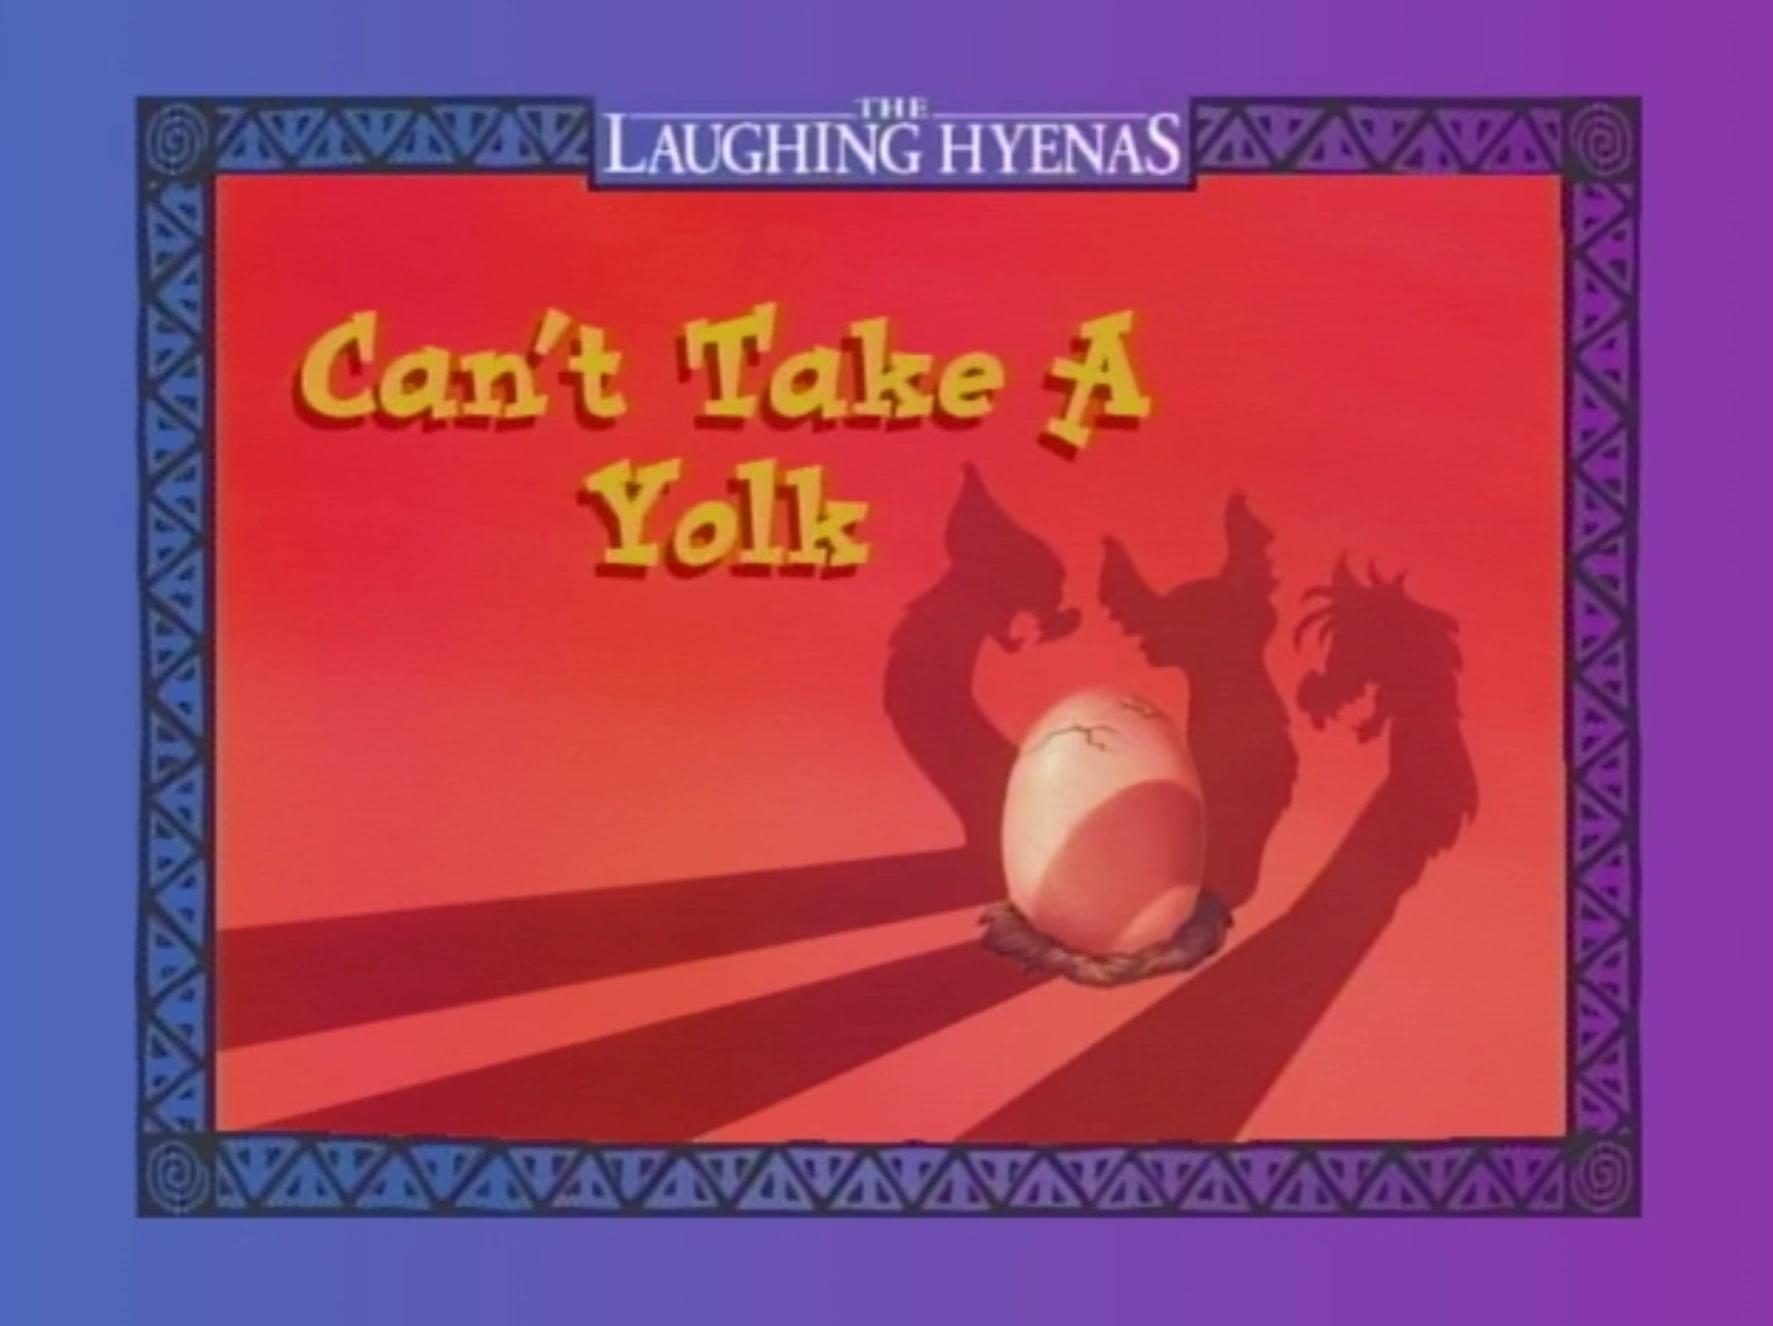 Can't Take a Yolk